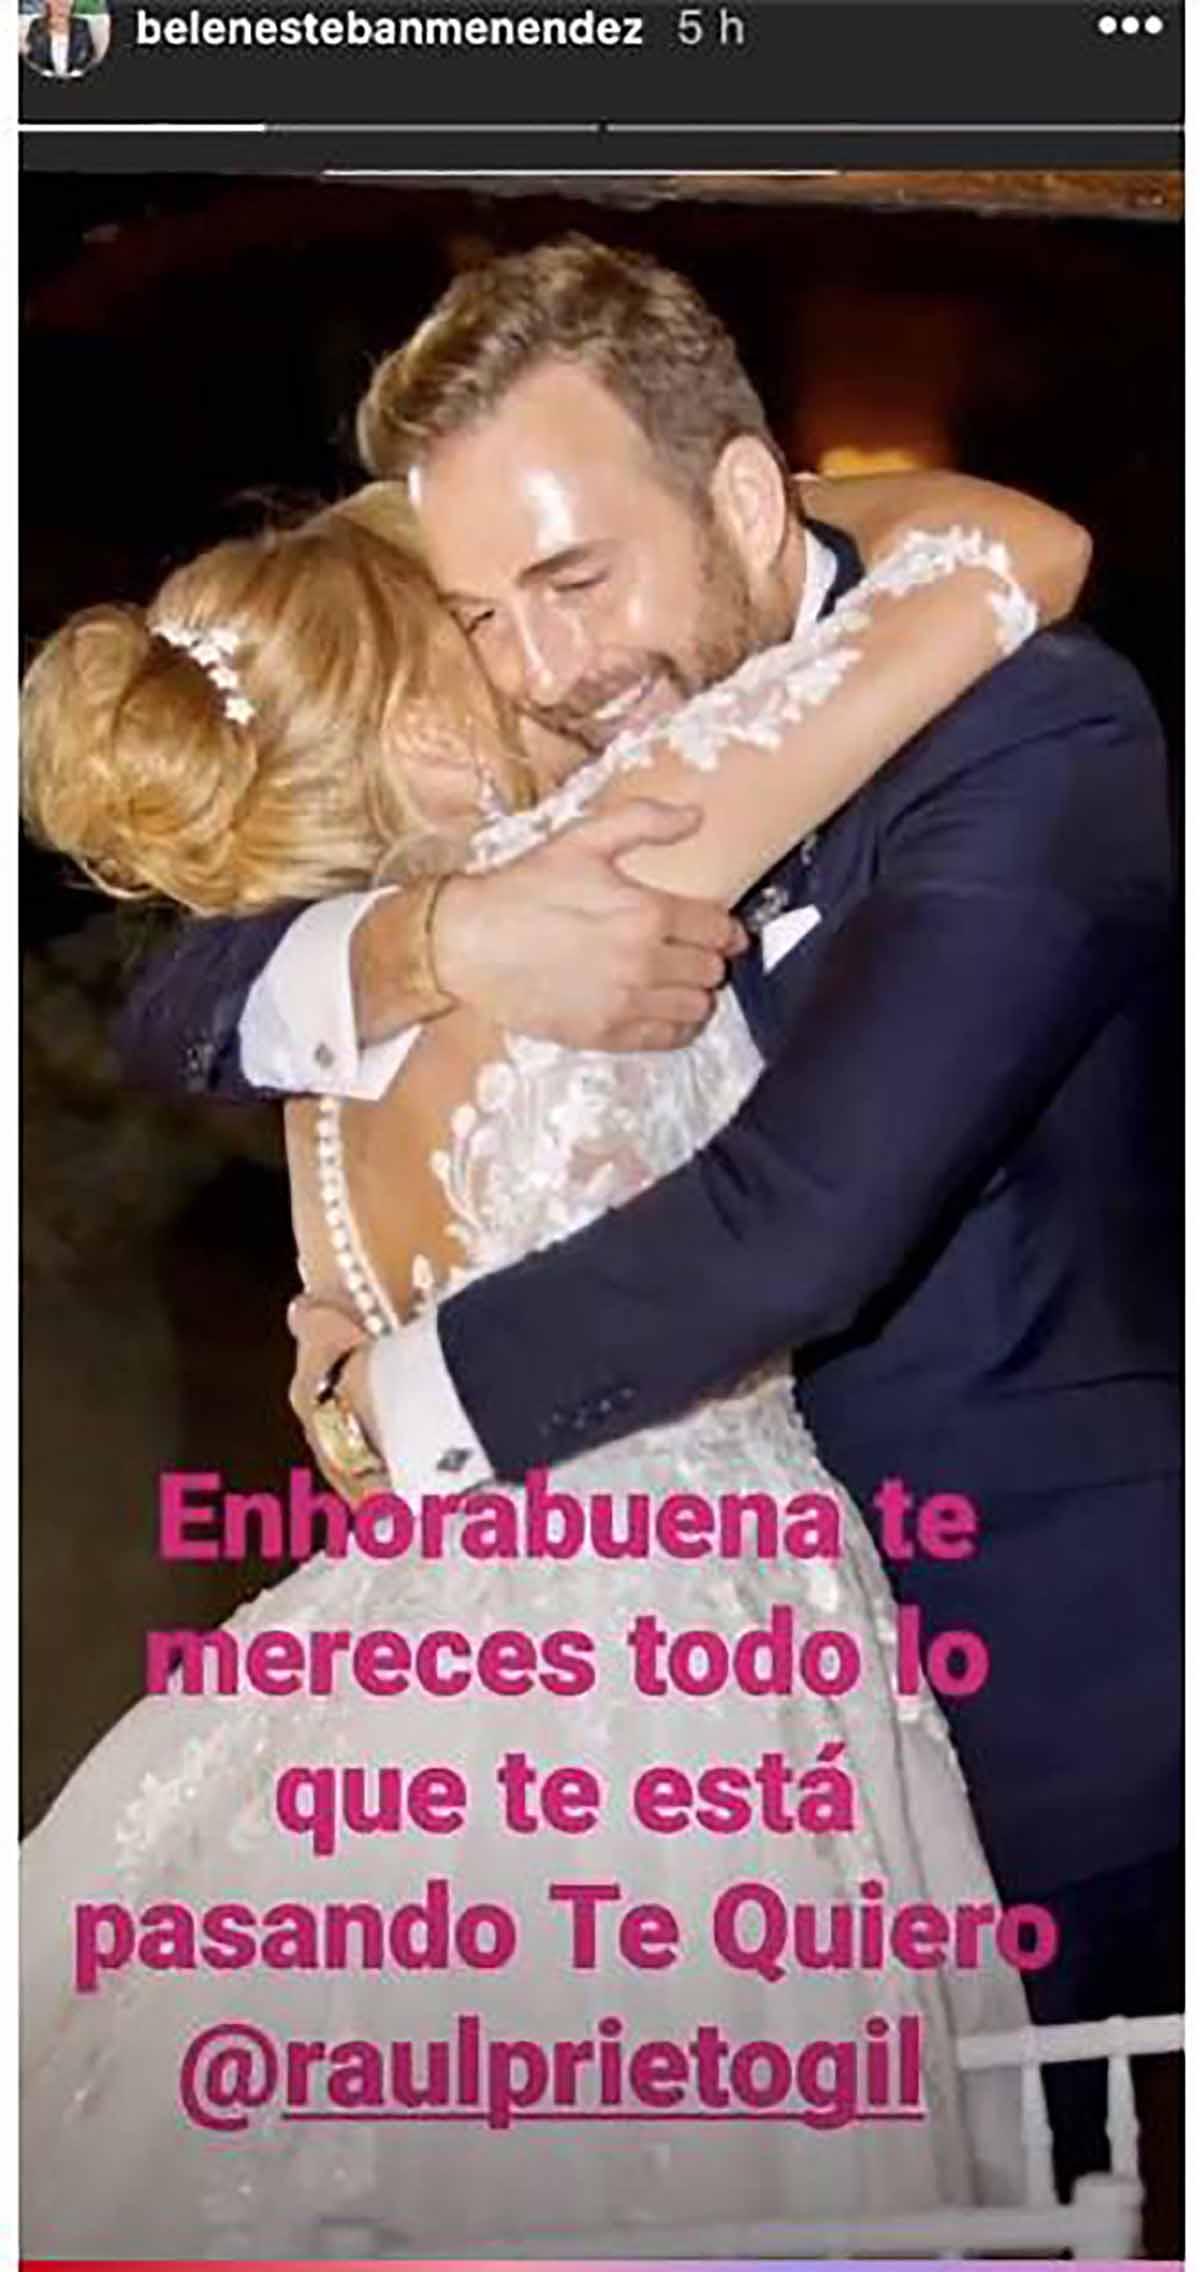 Belén Esteban no ha dudado en felicitar a su amigo por su nuevo éxito profesional / Instagram